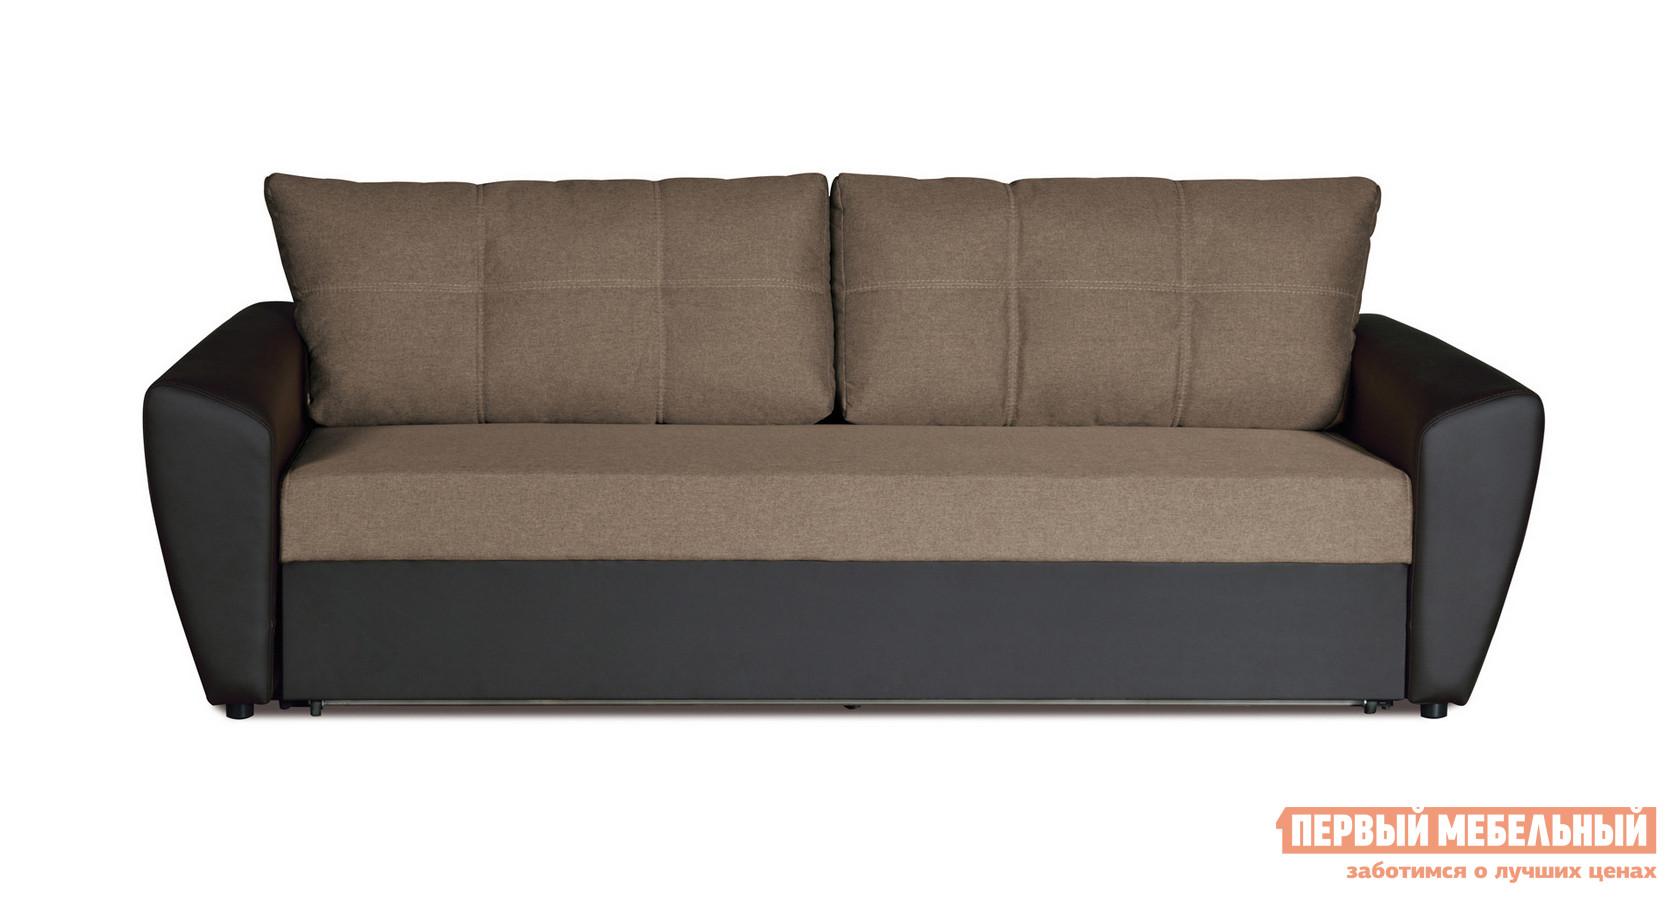 Фото Диван Первый Мебельный Амстердам Темно-коричневая рогожка. Купить с доставкой